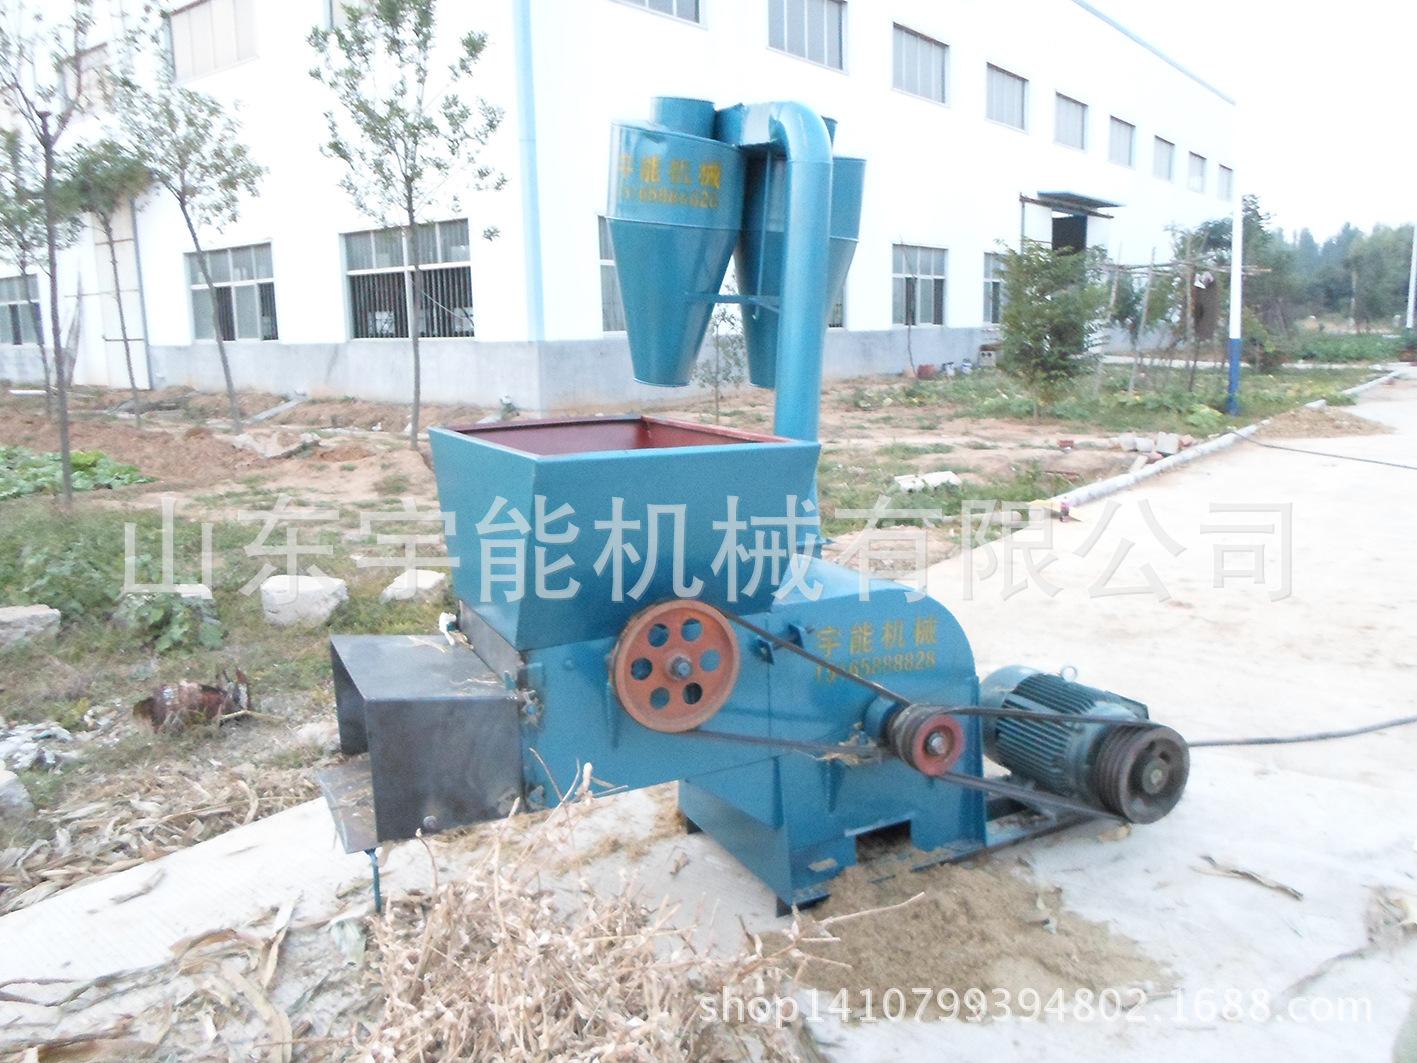 玉米秸秆粉碎机,全自动秸秆粉碎机,山东玉米秸秆粉碎机价格